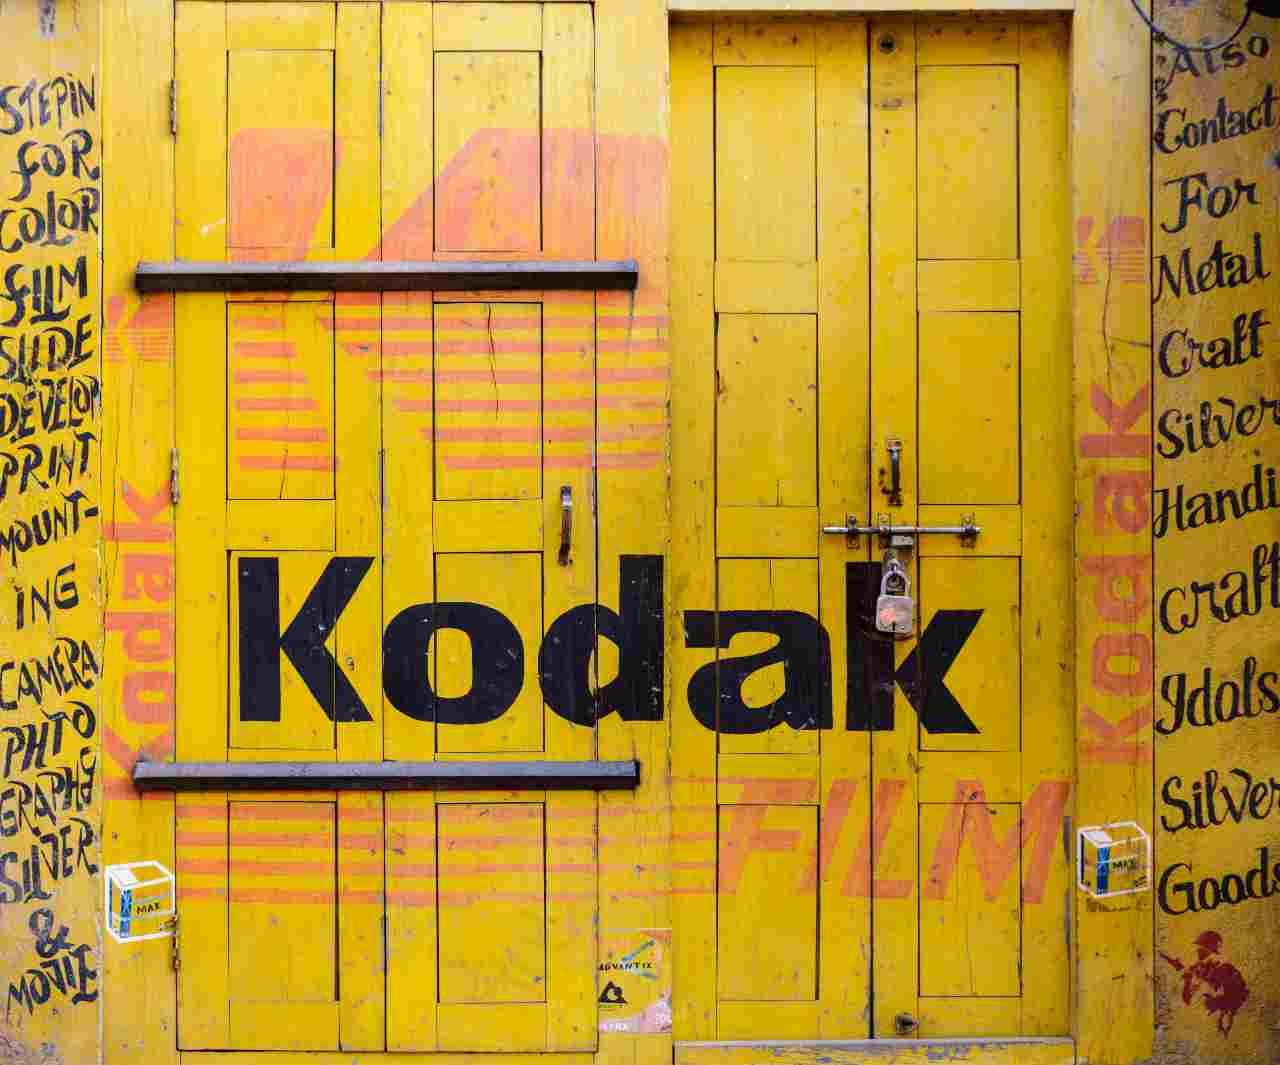 Kodak (Adobe Stock)